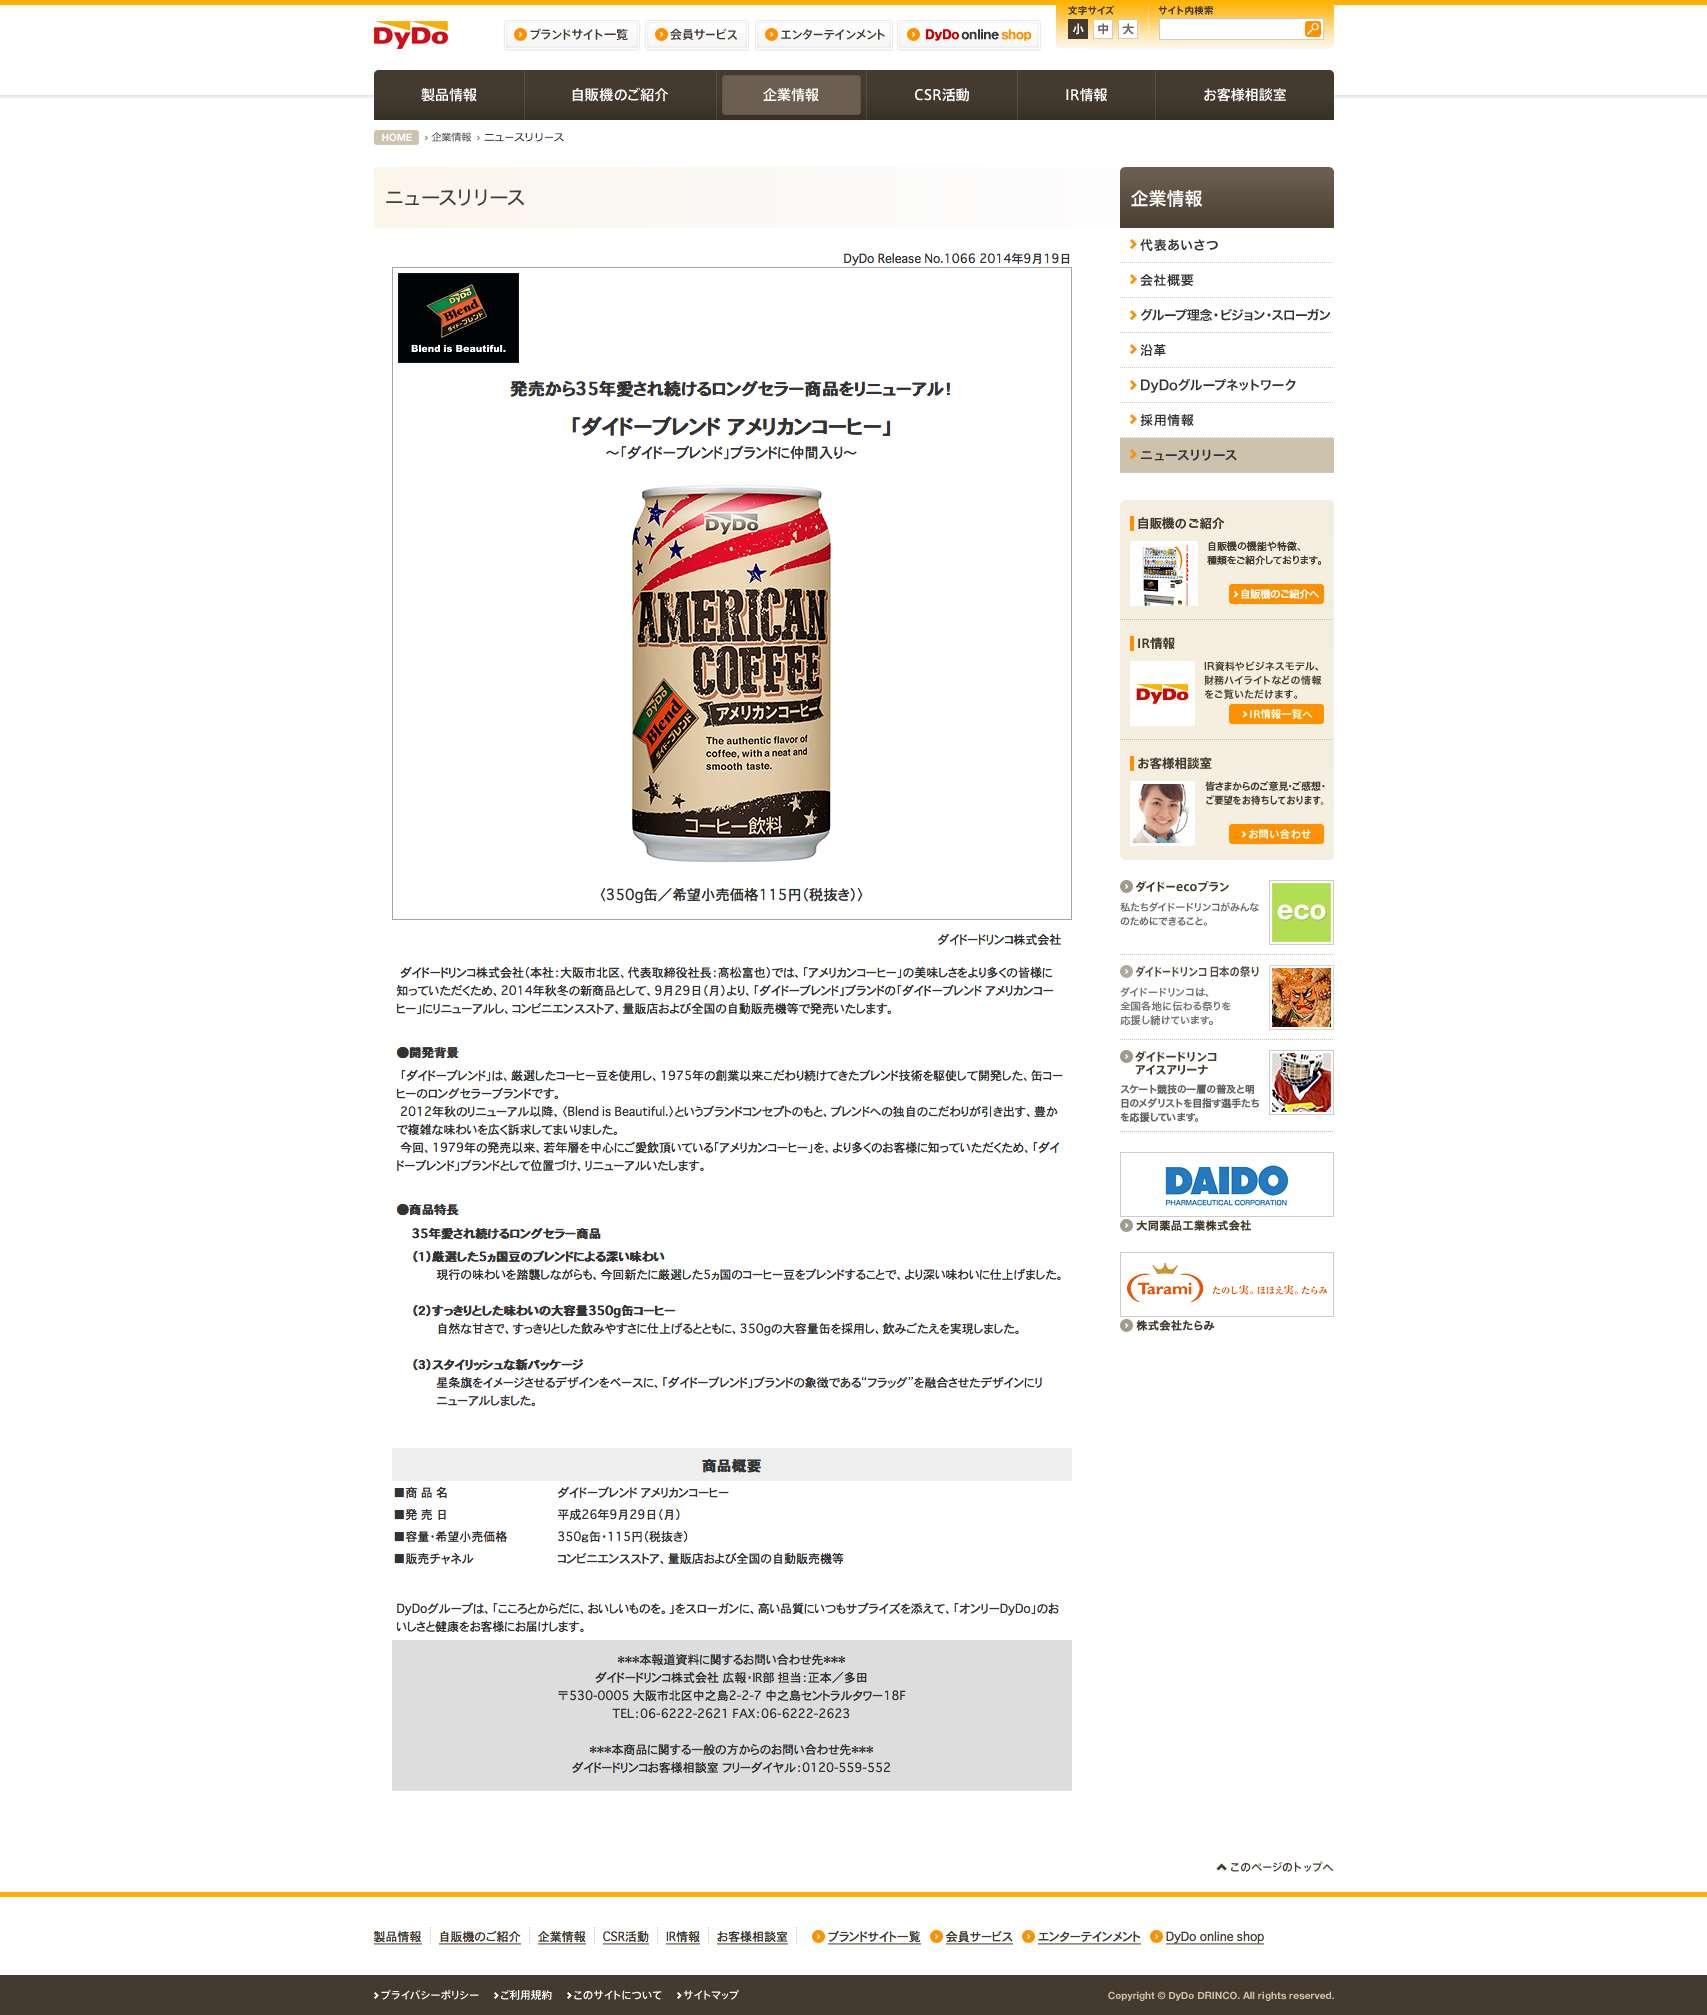 ニュースリリース|企業情報|ダイドードリンコ ダイドーブレンド アメリカンコーヒーリニューアル ー缶コーヒーマニアー